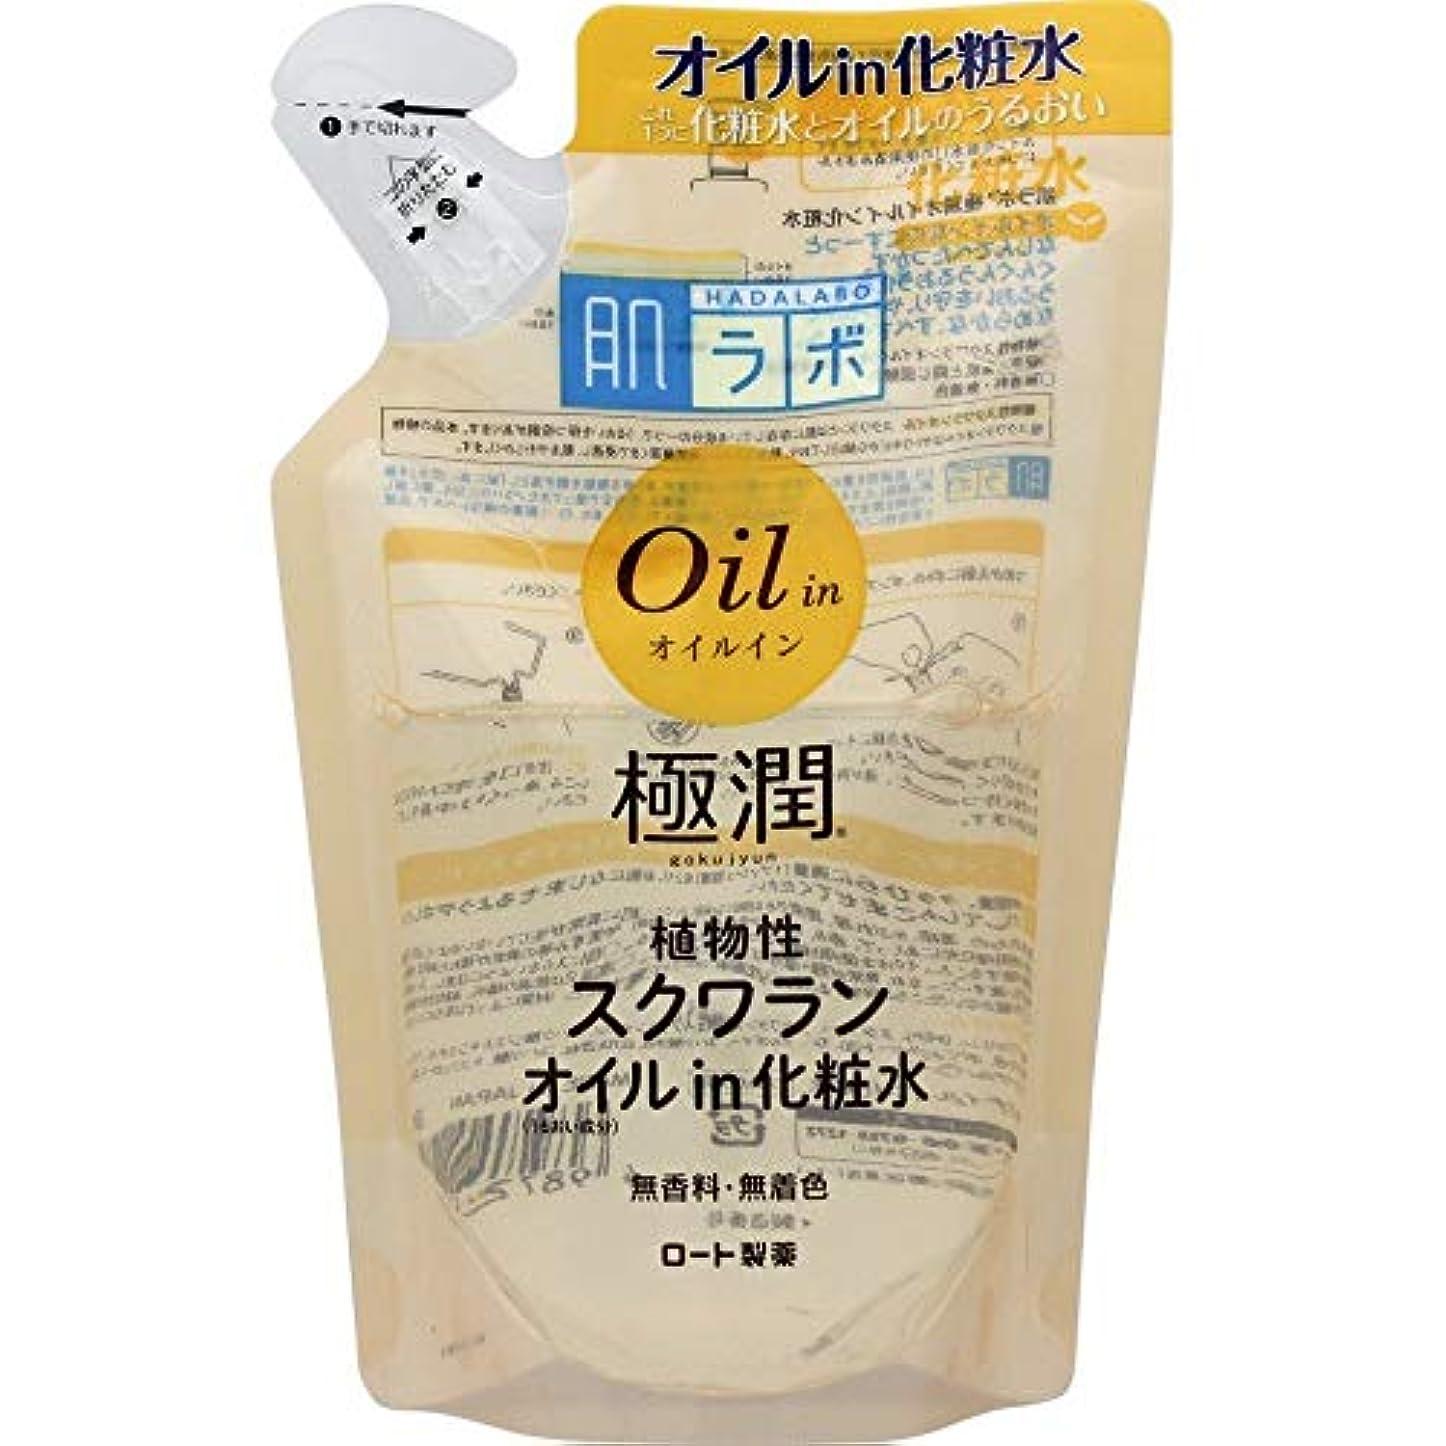 暗唱する風変わりなだます【3袋セット】 肌ラボ 極潤オイルイン化粧水 詰替用 植物性スクワランオイル配合 220ml × 3袋